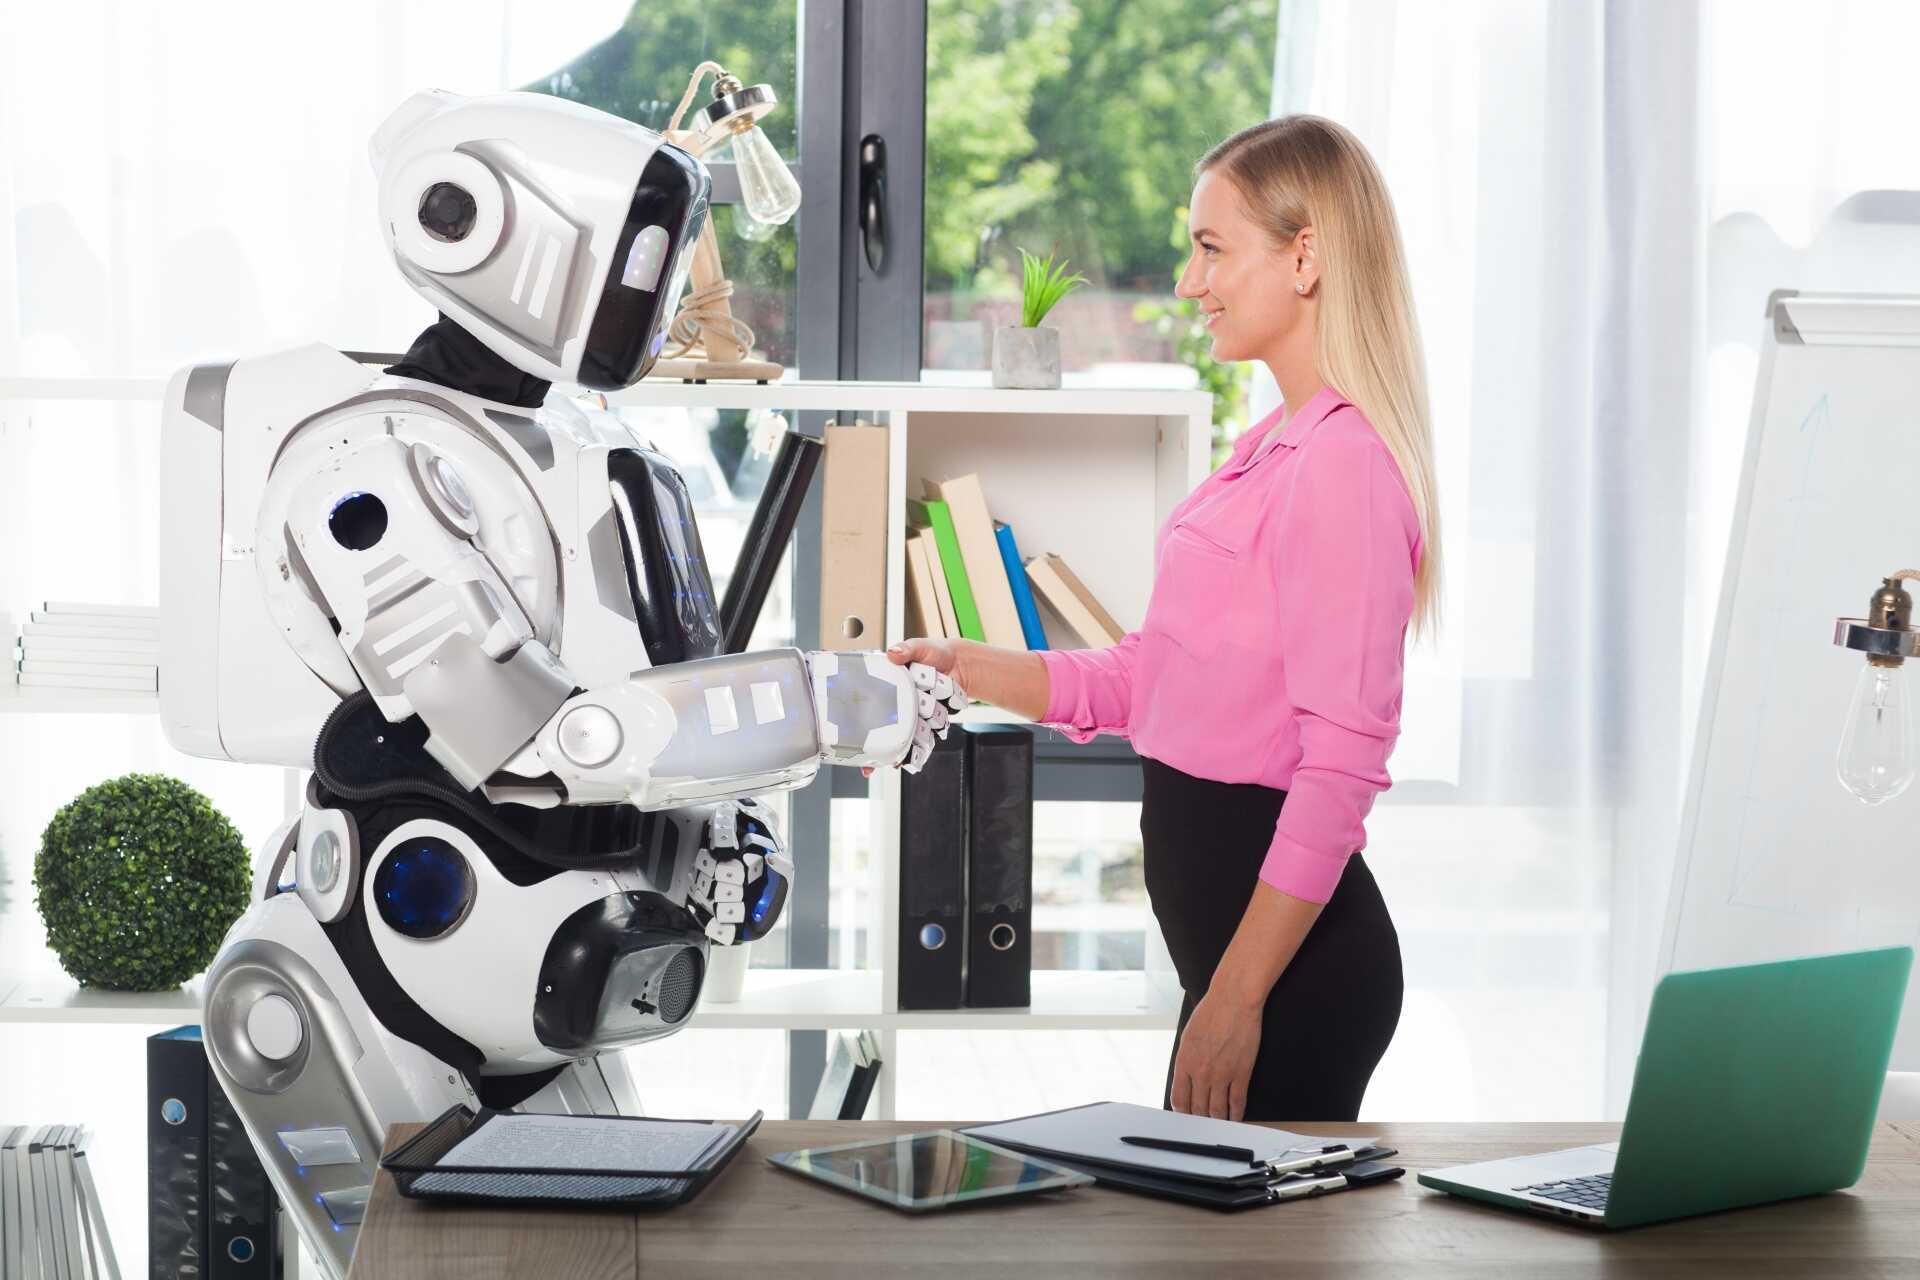 新しい仕事~AI時代、そしてwiithコロナ時代に生まれる新しい仕事とは~